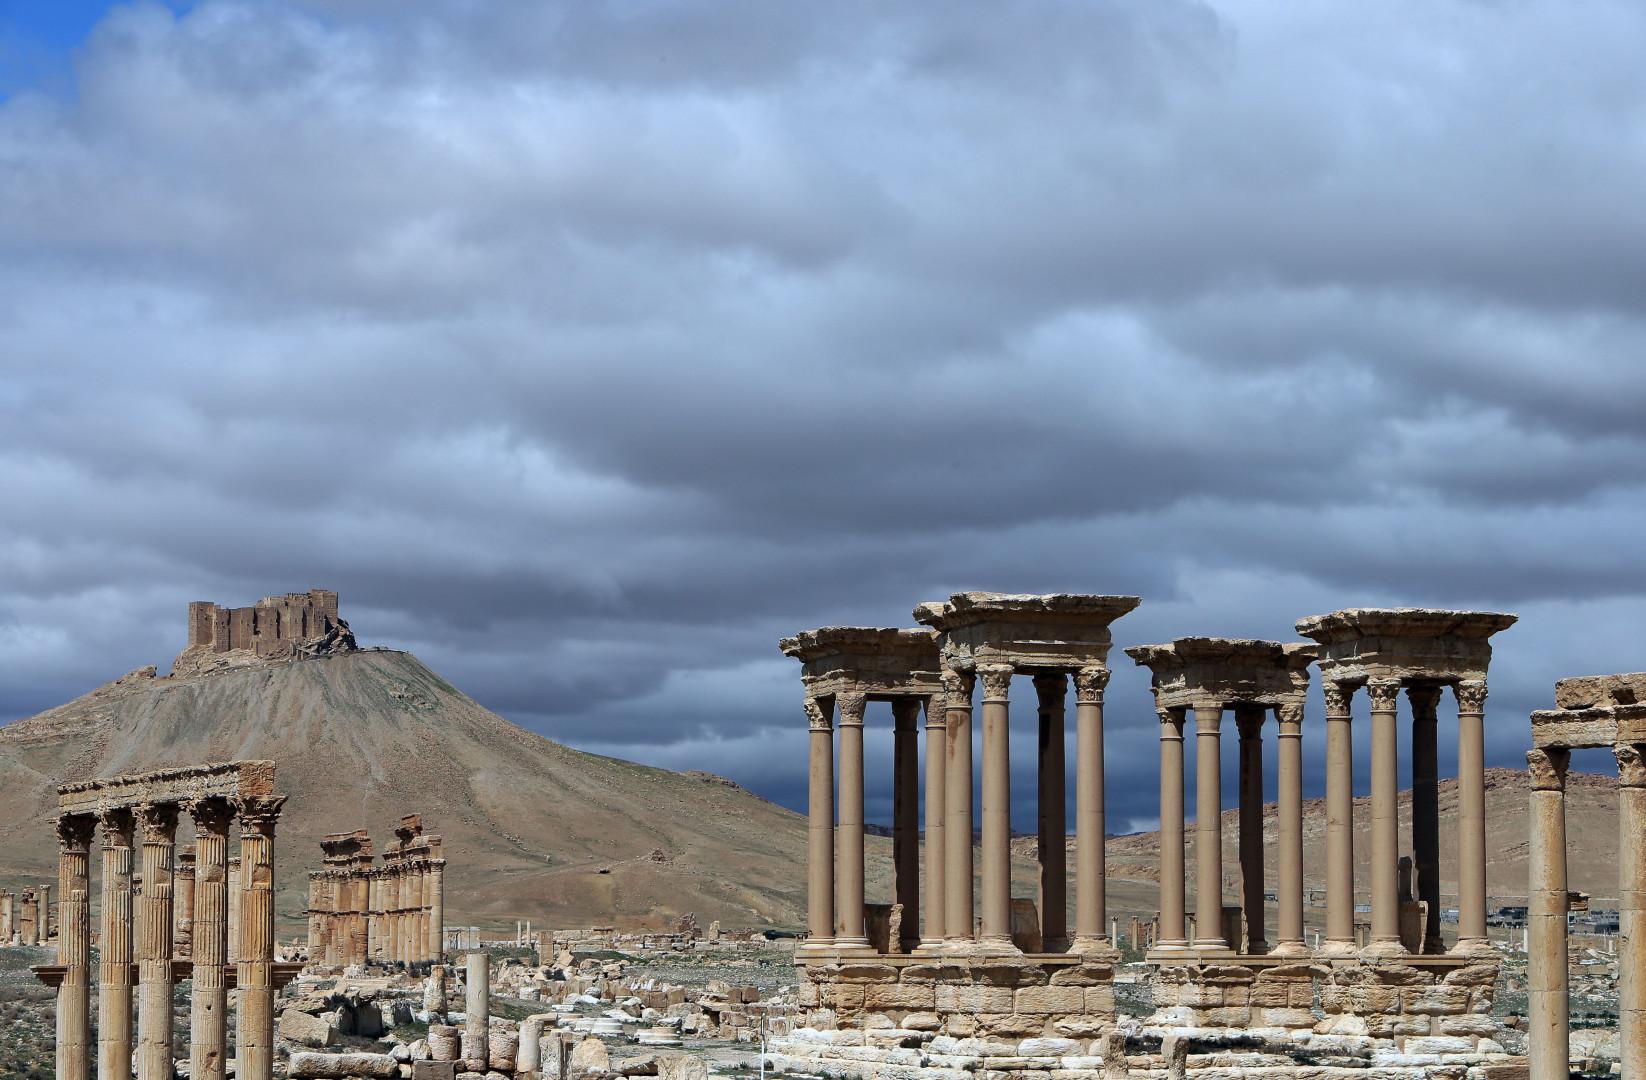 L'entrée monumentale de la cité antique de Palmyre (14 mars 2014)